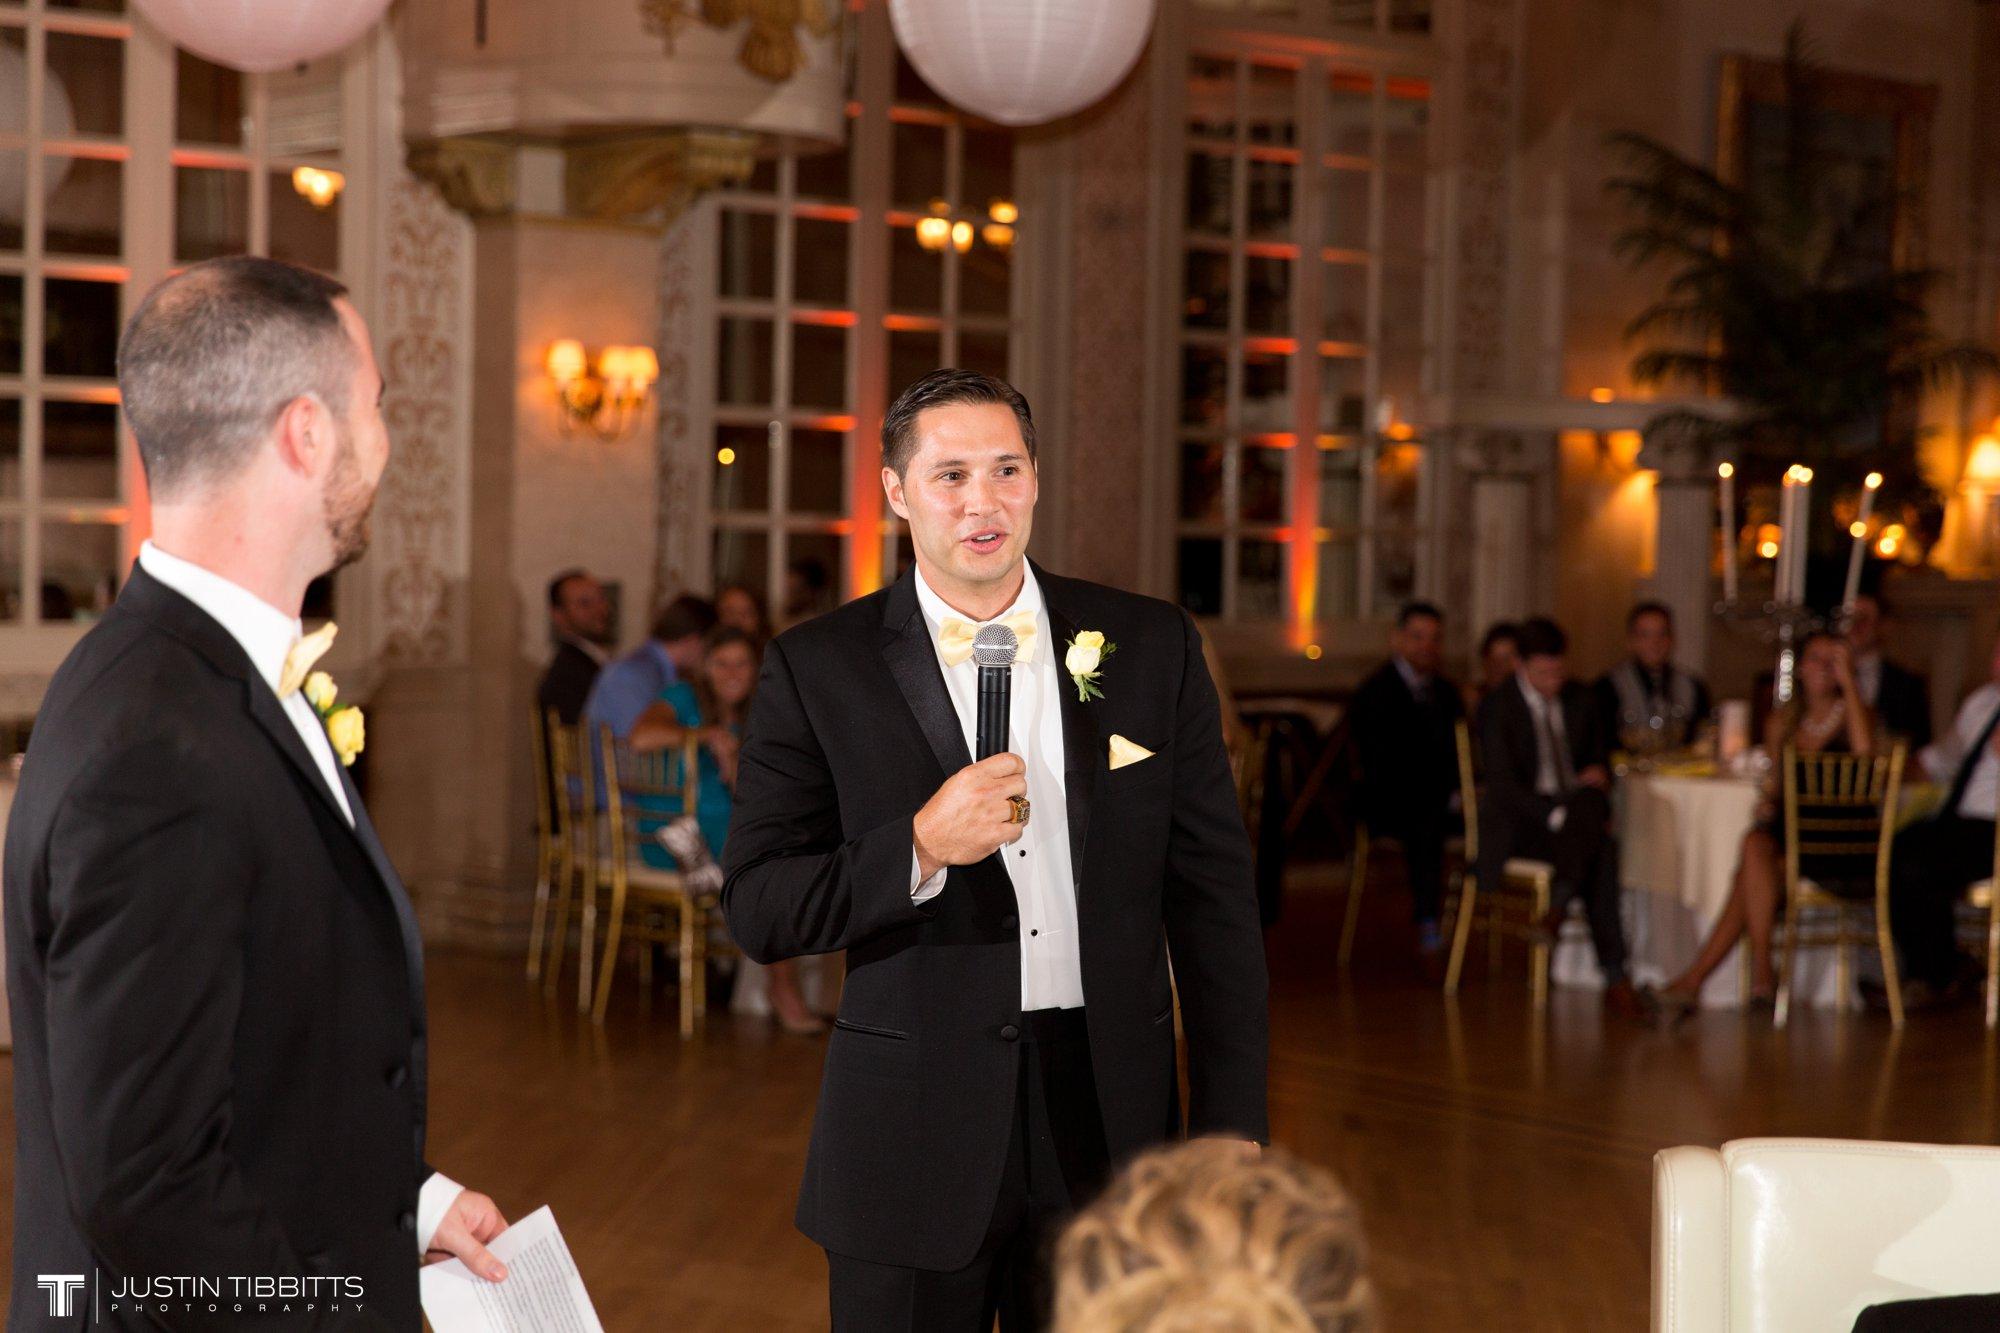 Albany NY Wedding Photographer Justin Tibbitts Photography Albany NY 2014 Best of Weddings21Albany NY Wedding Photographer Justin Tibbitts Photography Albany NY Best of Weddings39